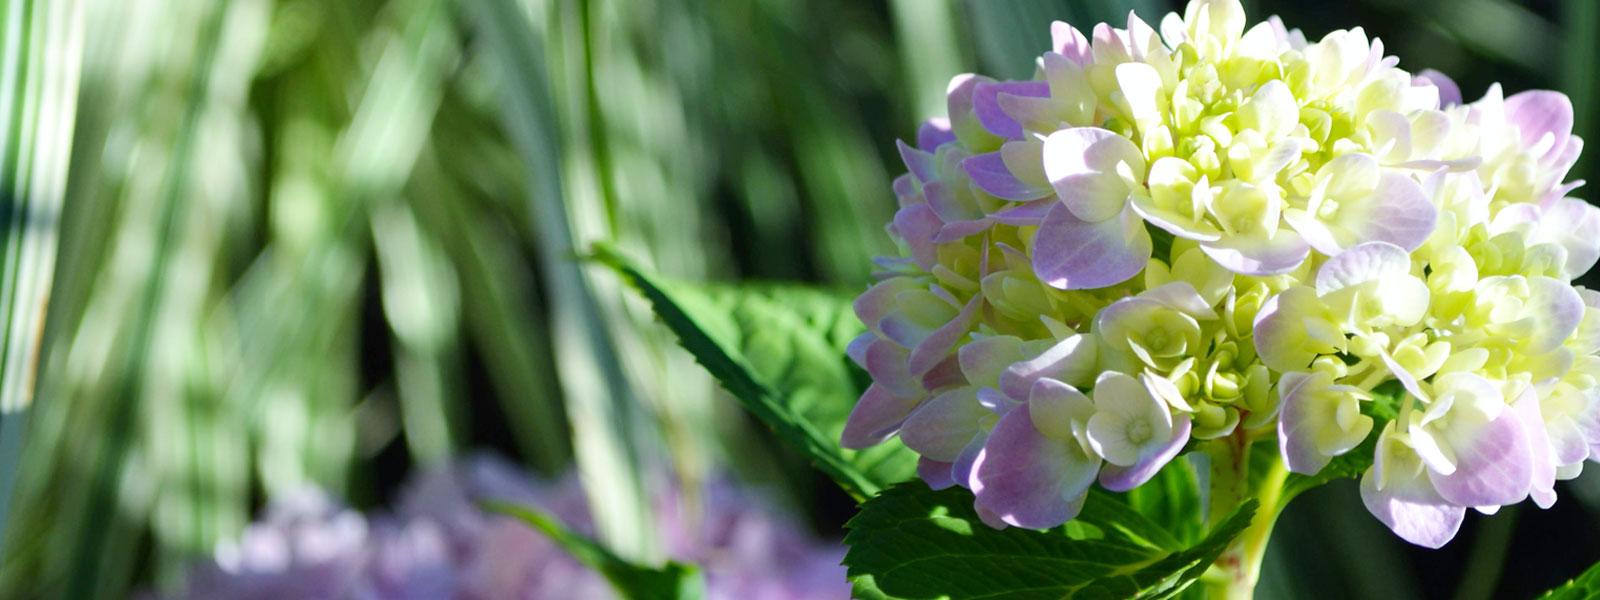 layer-slider_flower